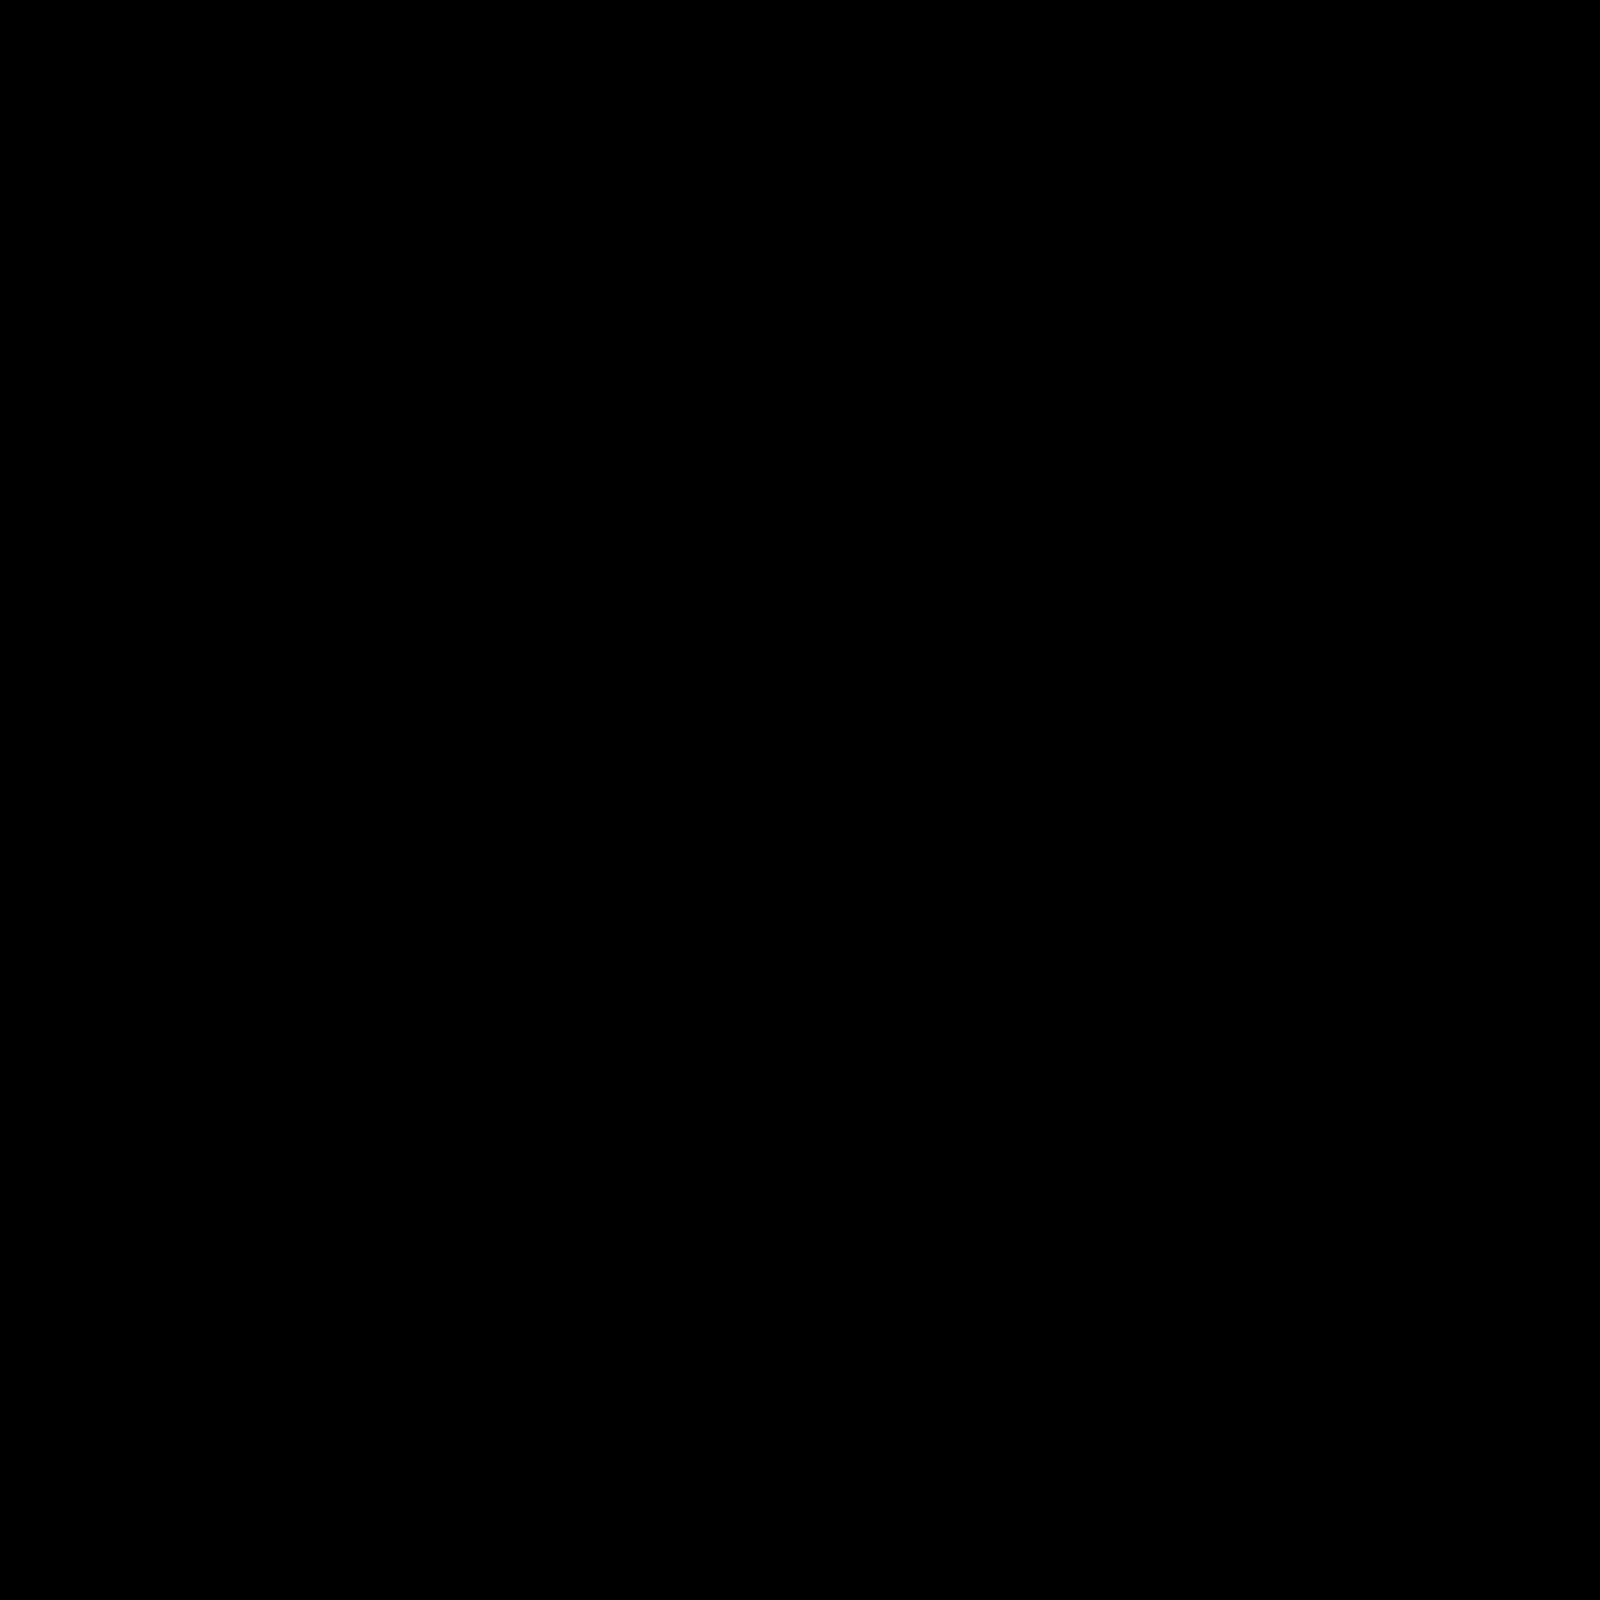 Podgląd pliku icon